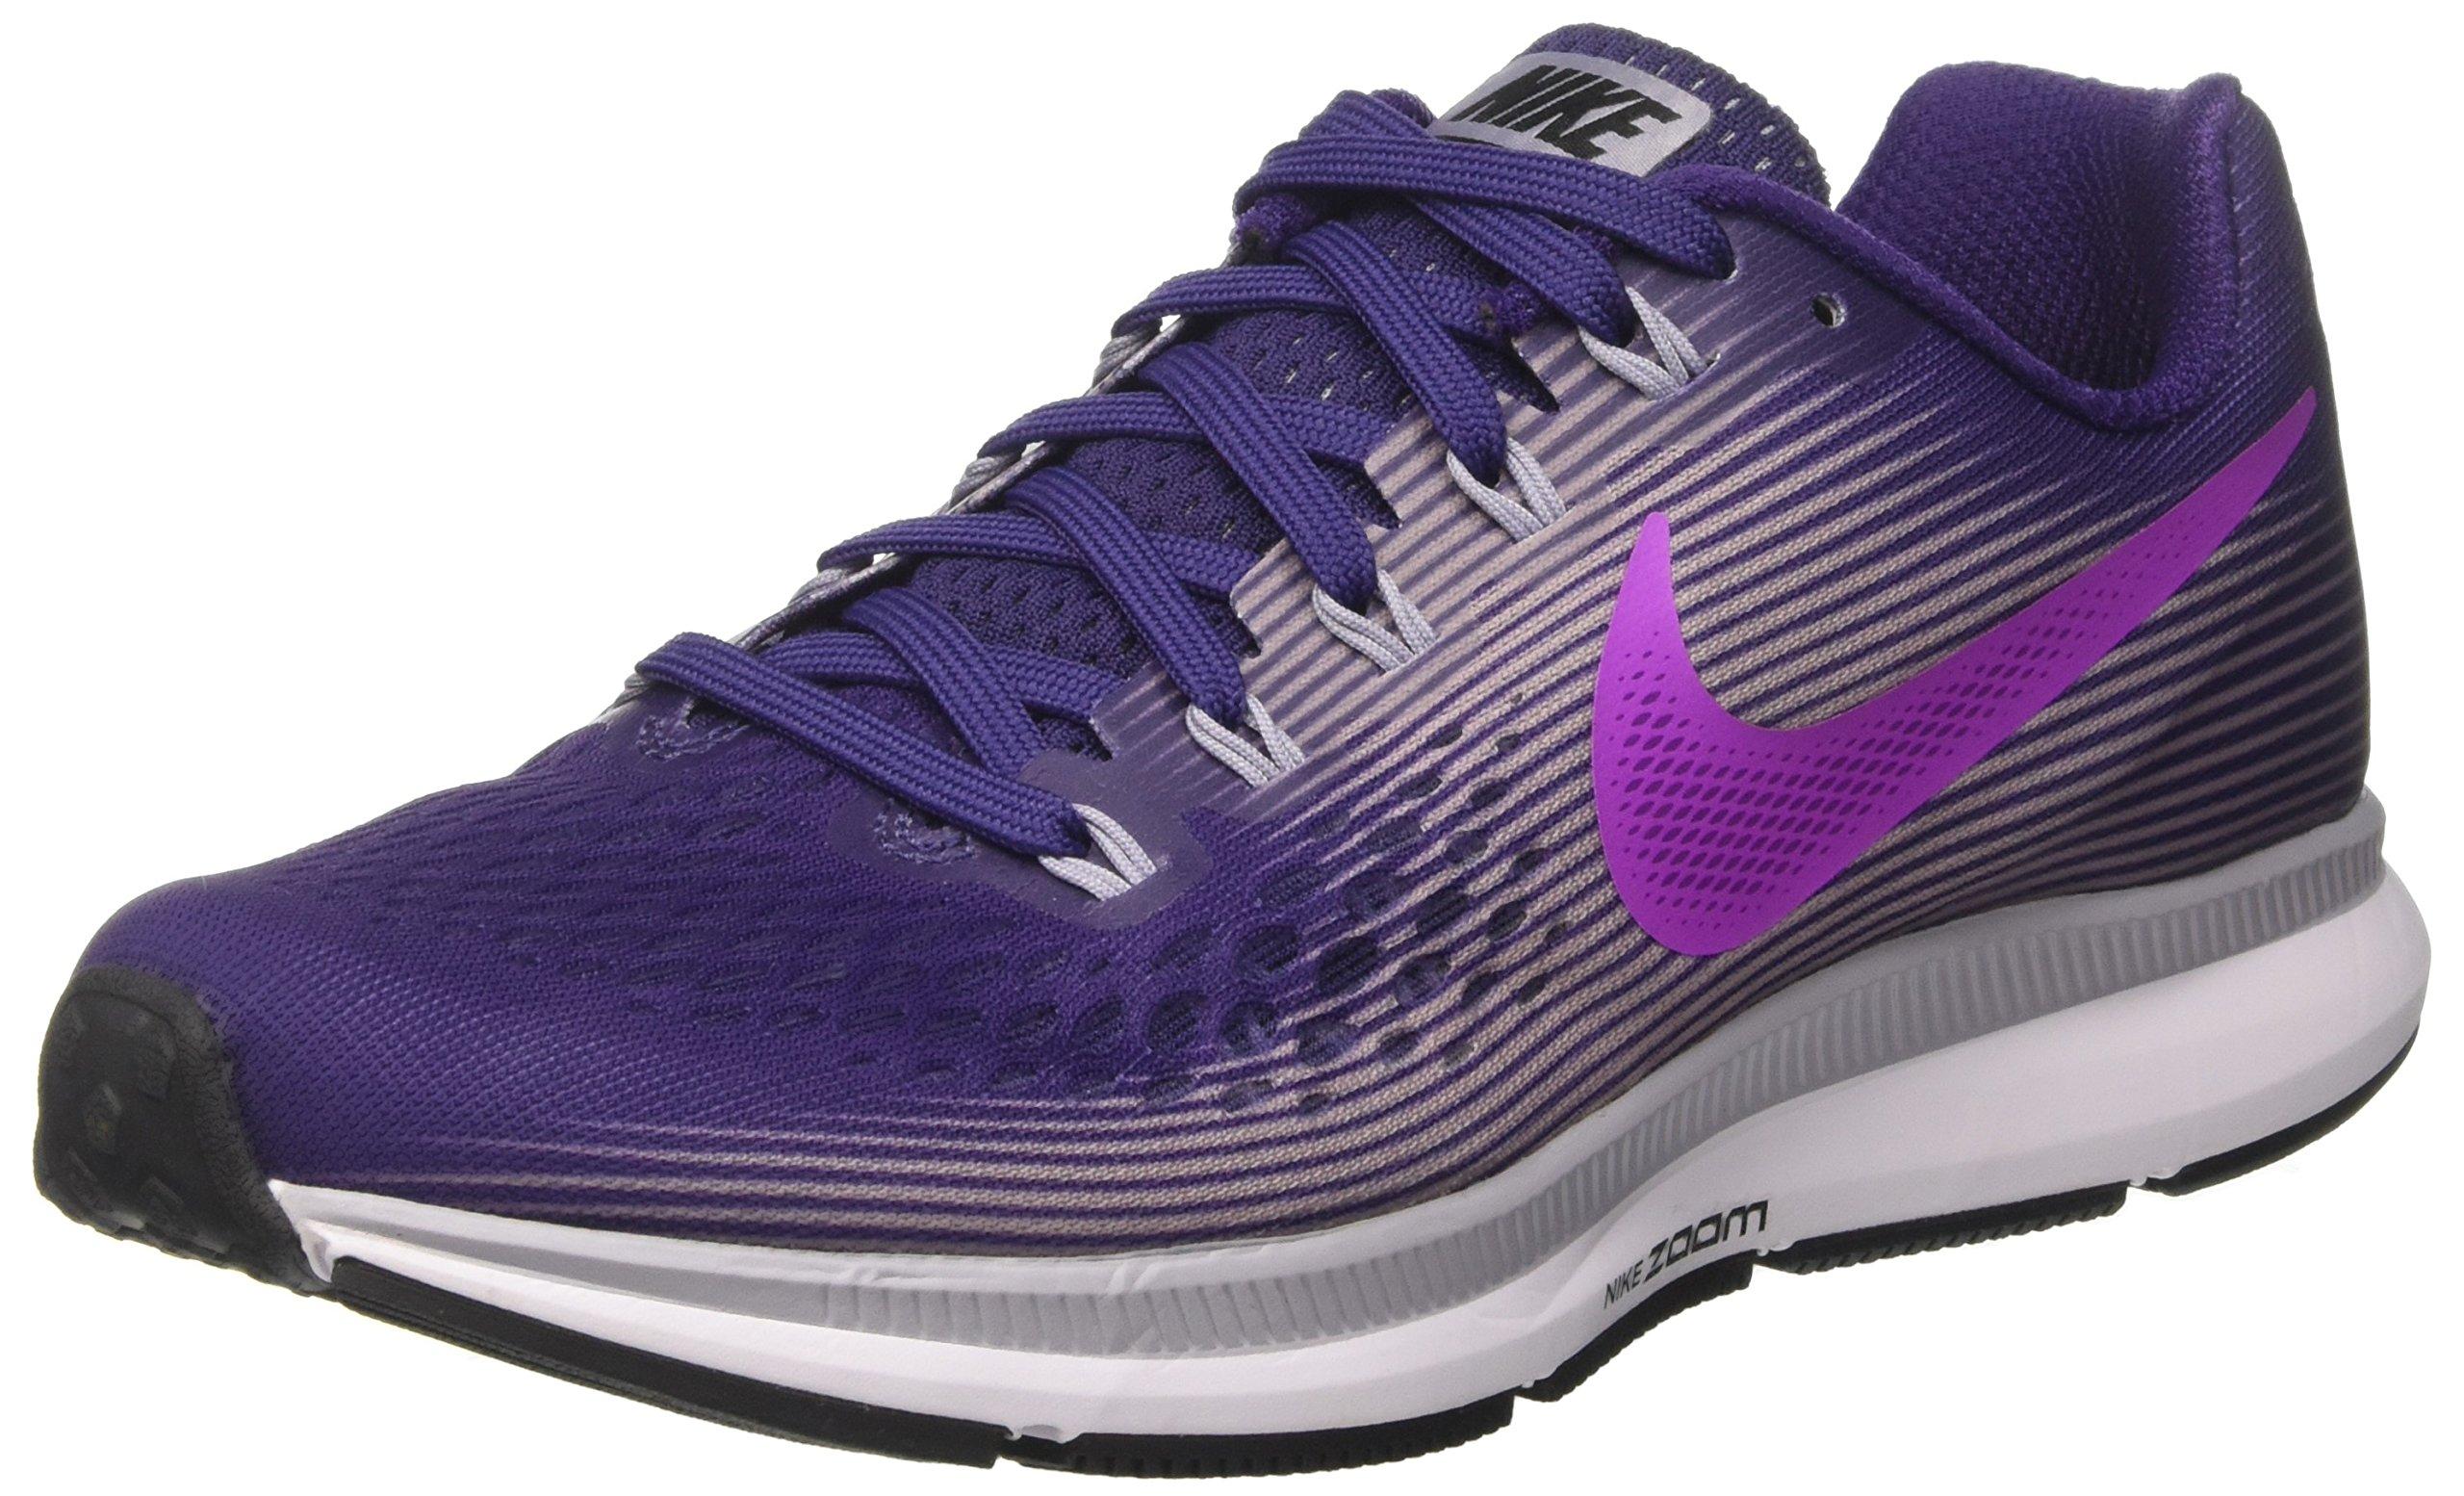 Nike Women's Air Zoom Pegasus 34 Running Shoes-Ink/Hyper Violet-6